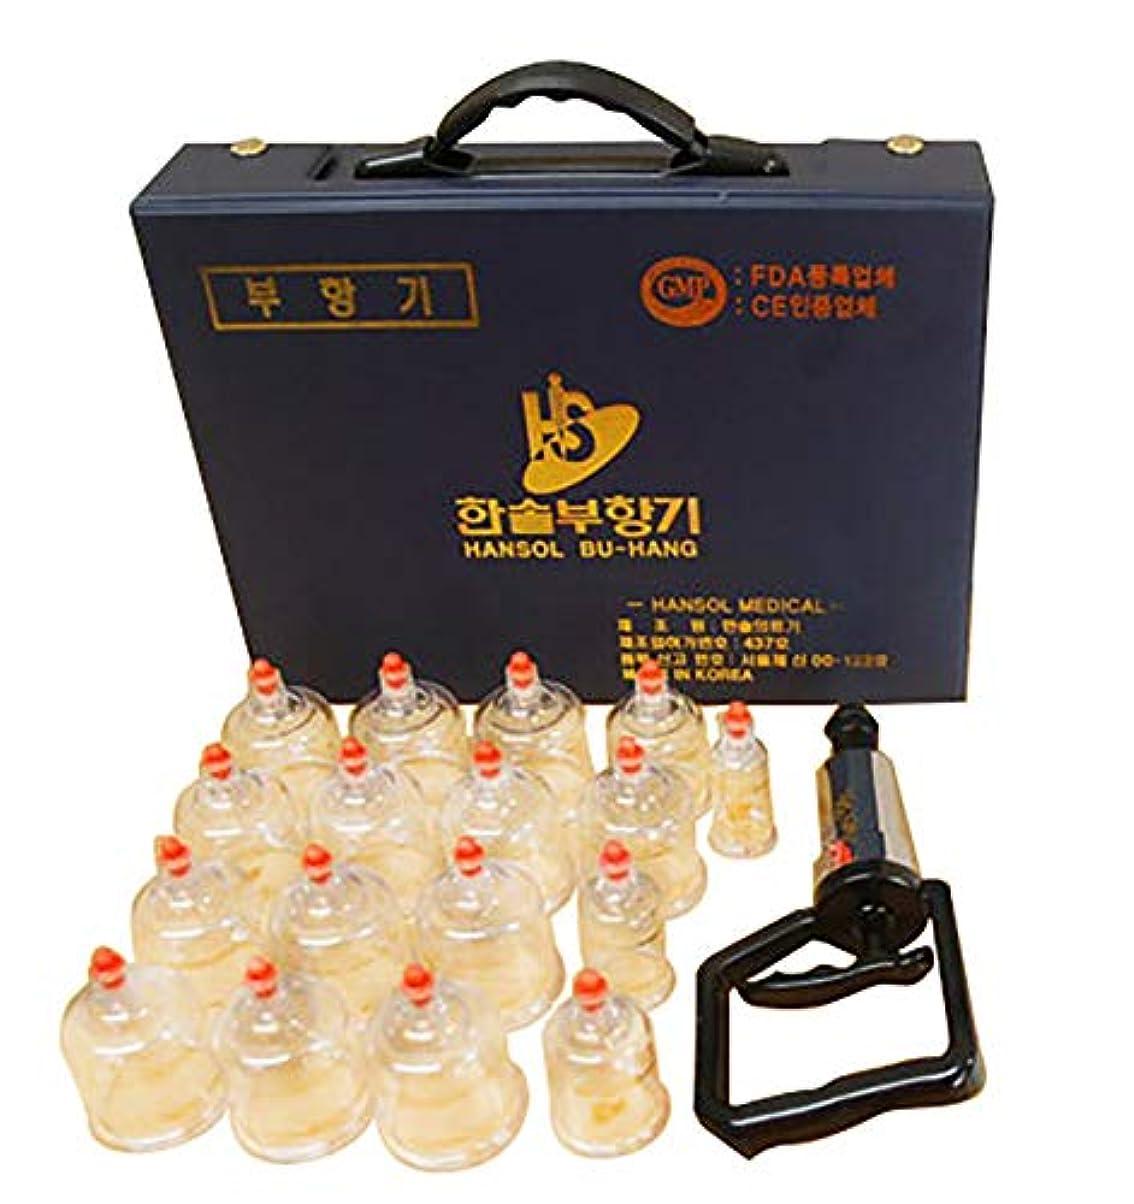 パレード野望取得する中国四千年の健康法「吸玉」がご家庭で手軽にできる!ハンソルメディカル ブハン カッピングカップ17個セット